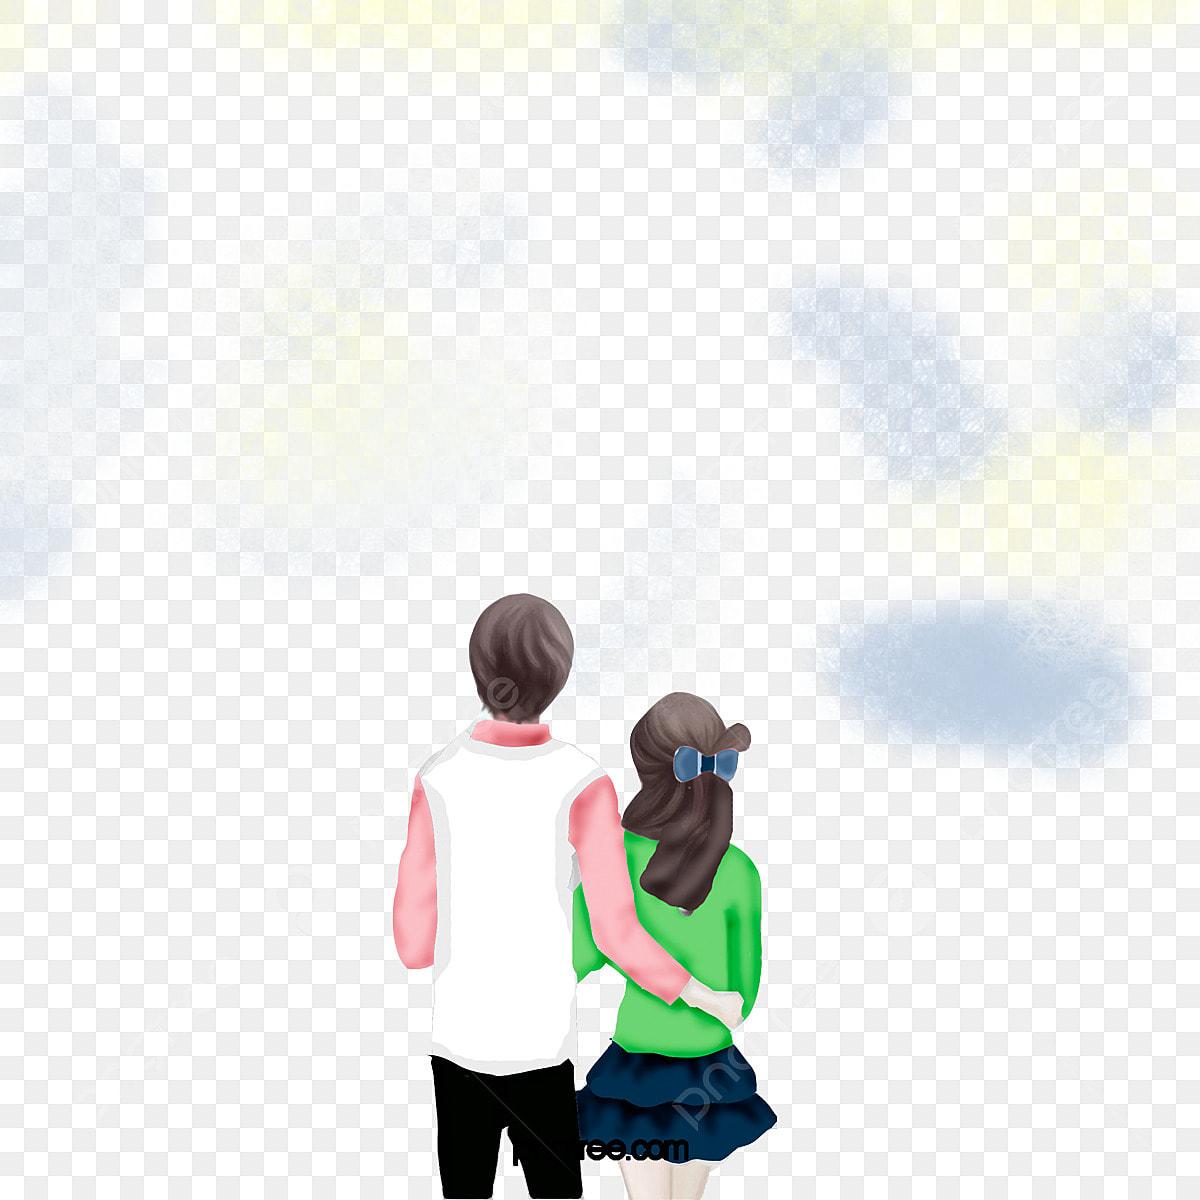 ロマンチックなカップルの後ろ姿デート ロマンチック カップル 後ろ姿画像とpsd素材ファイルの無料ダウンロード Pngtree